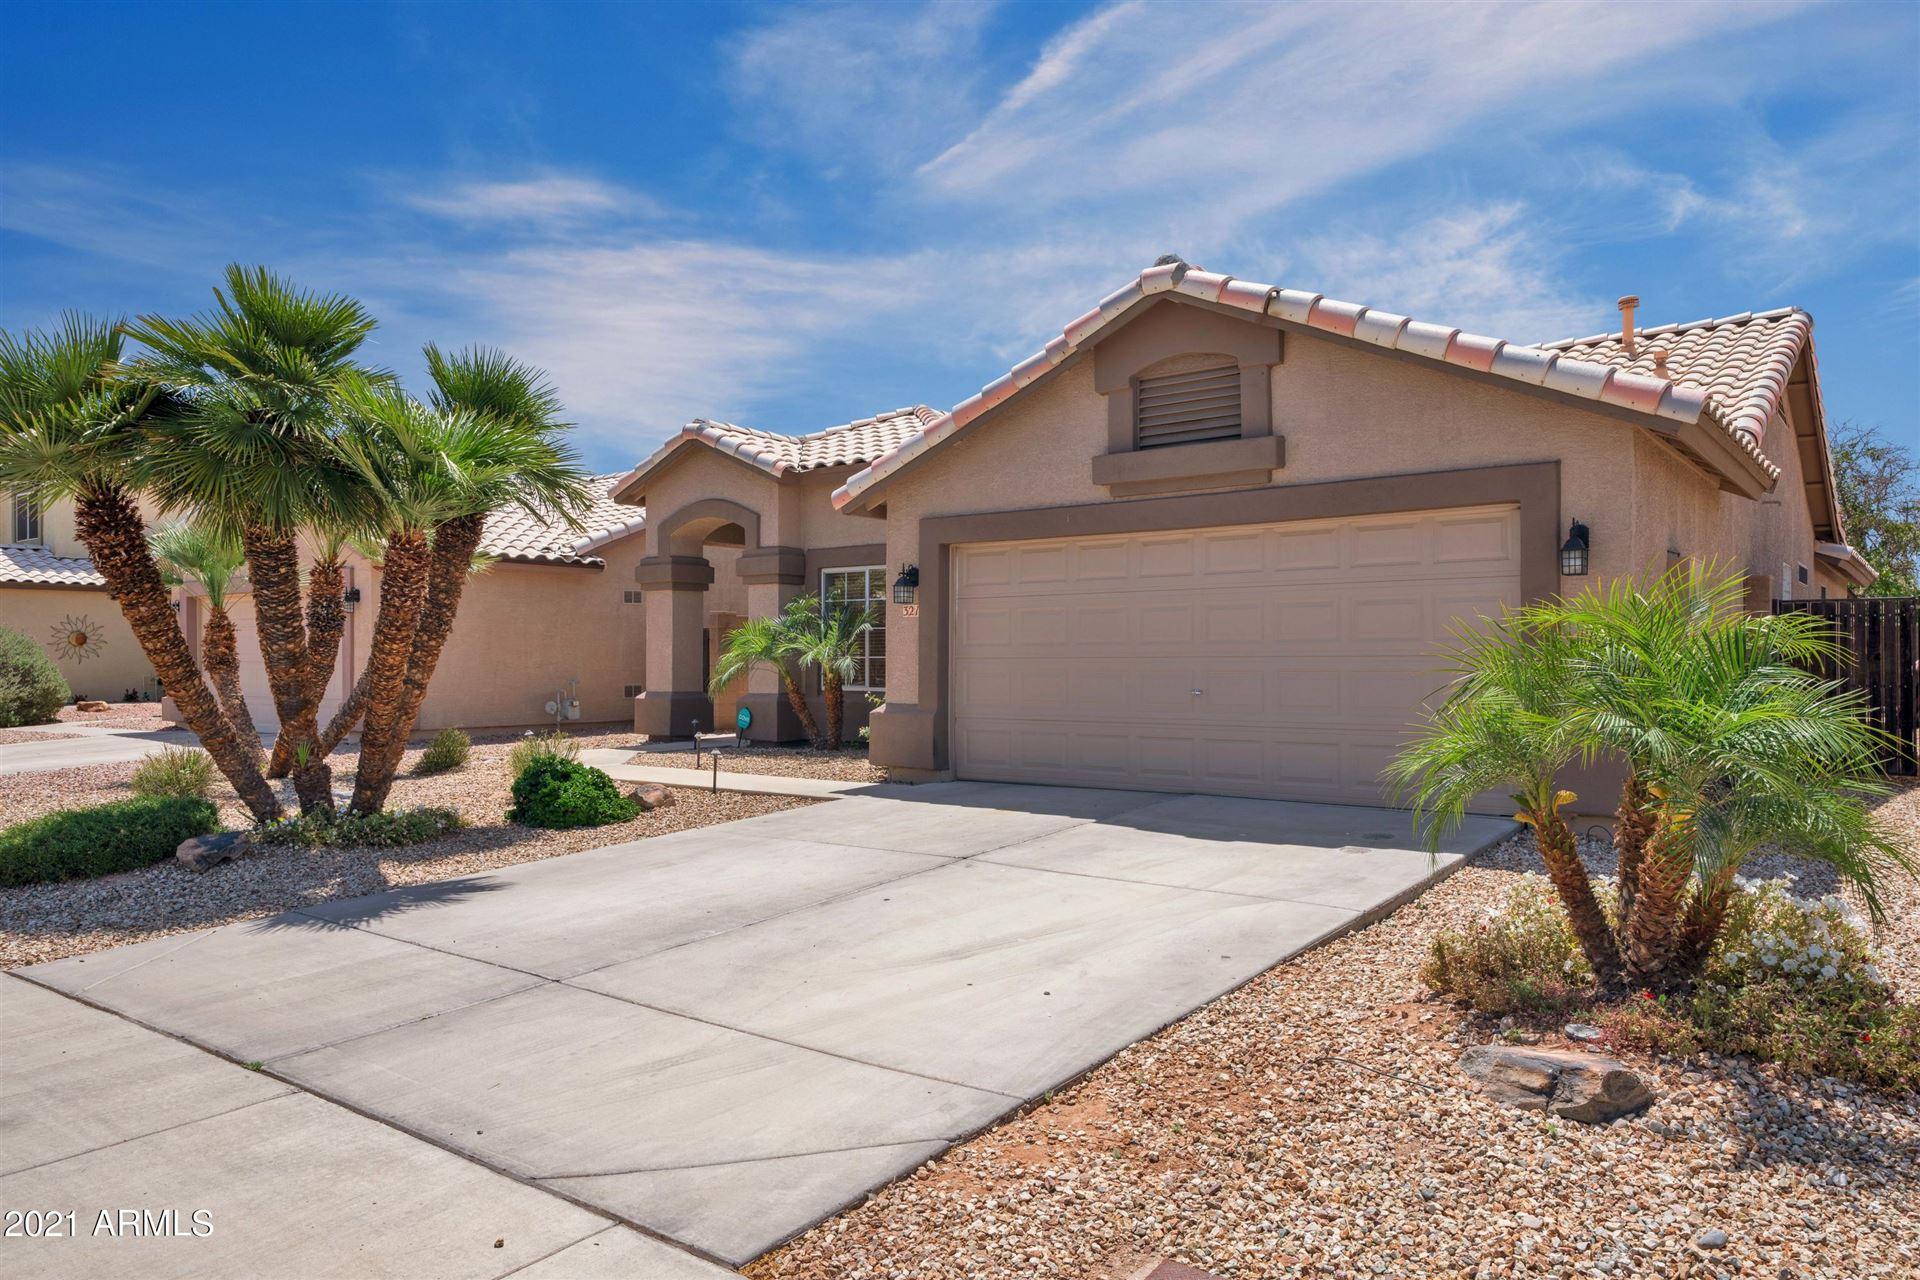 321 E SHERRI Drive, Gilbert, AZ 85296 - MLS#: 6235418